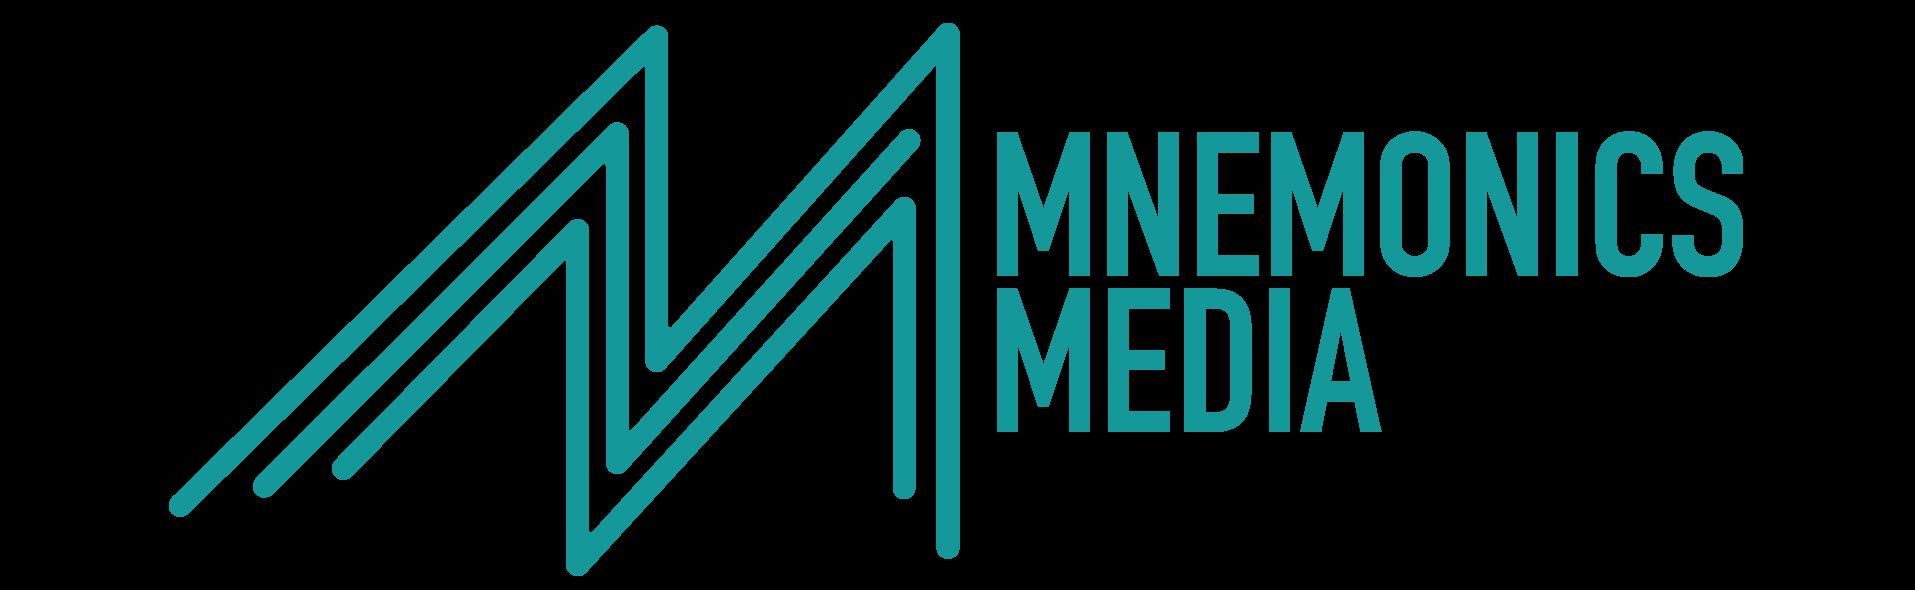 Mnemonics Media Logo